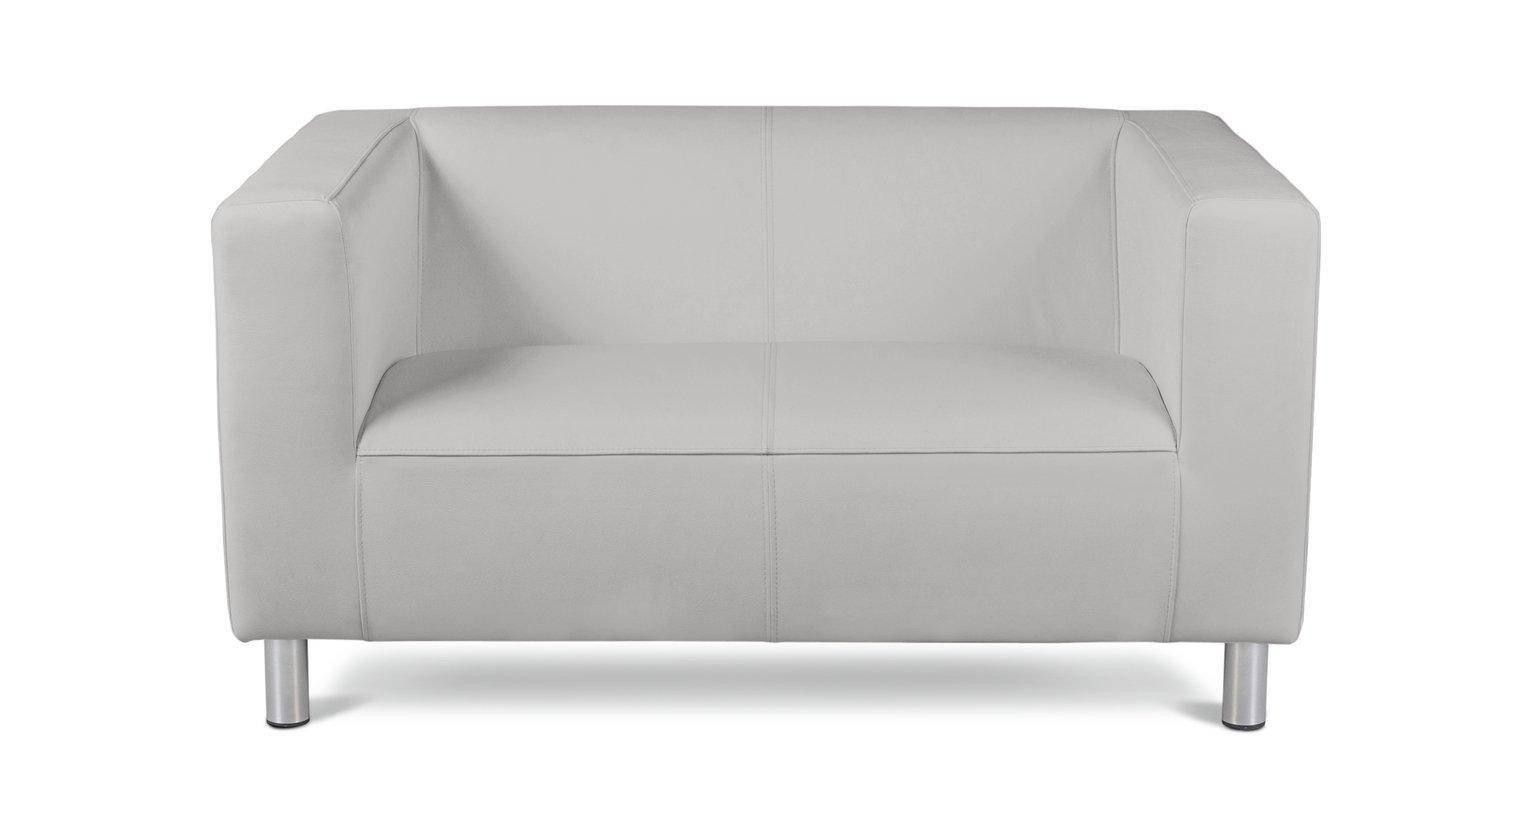 Habitat Moda Compact 2 Seater Faux Leather Sofa - White